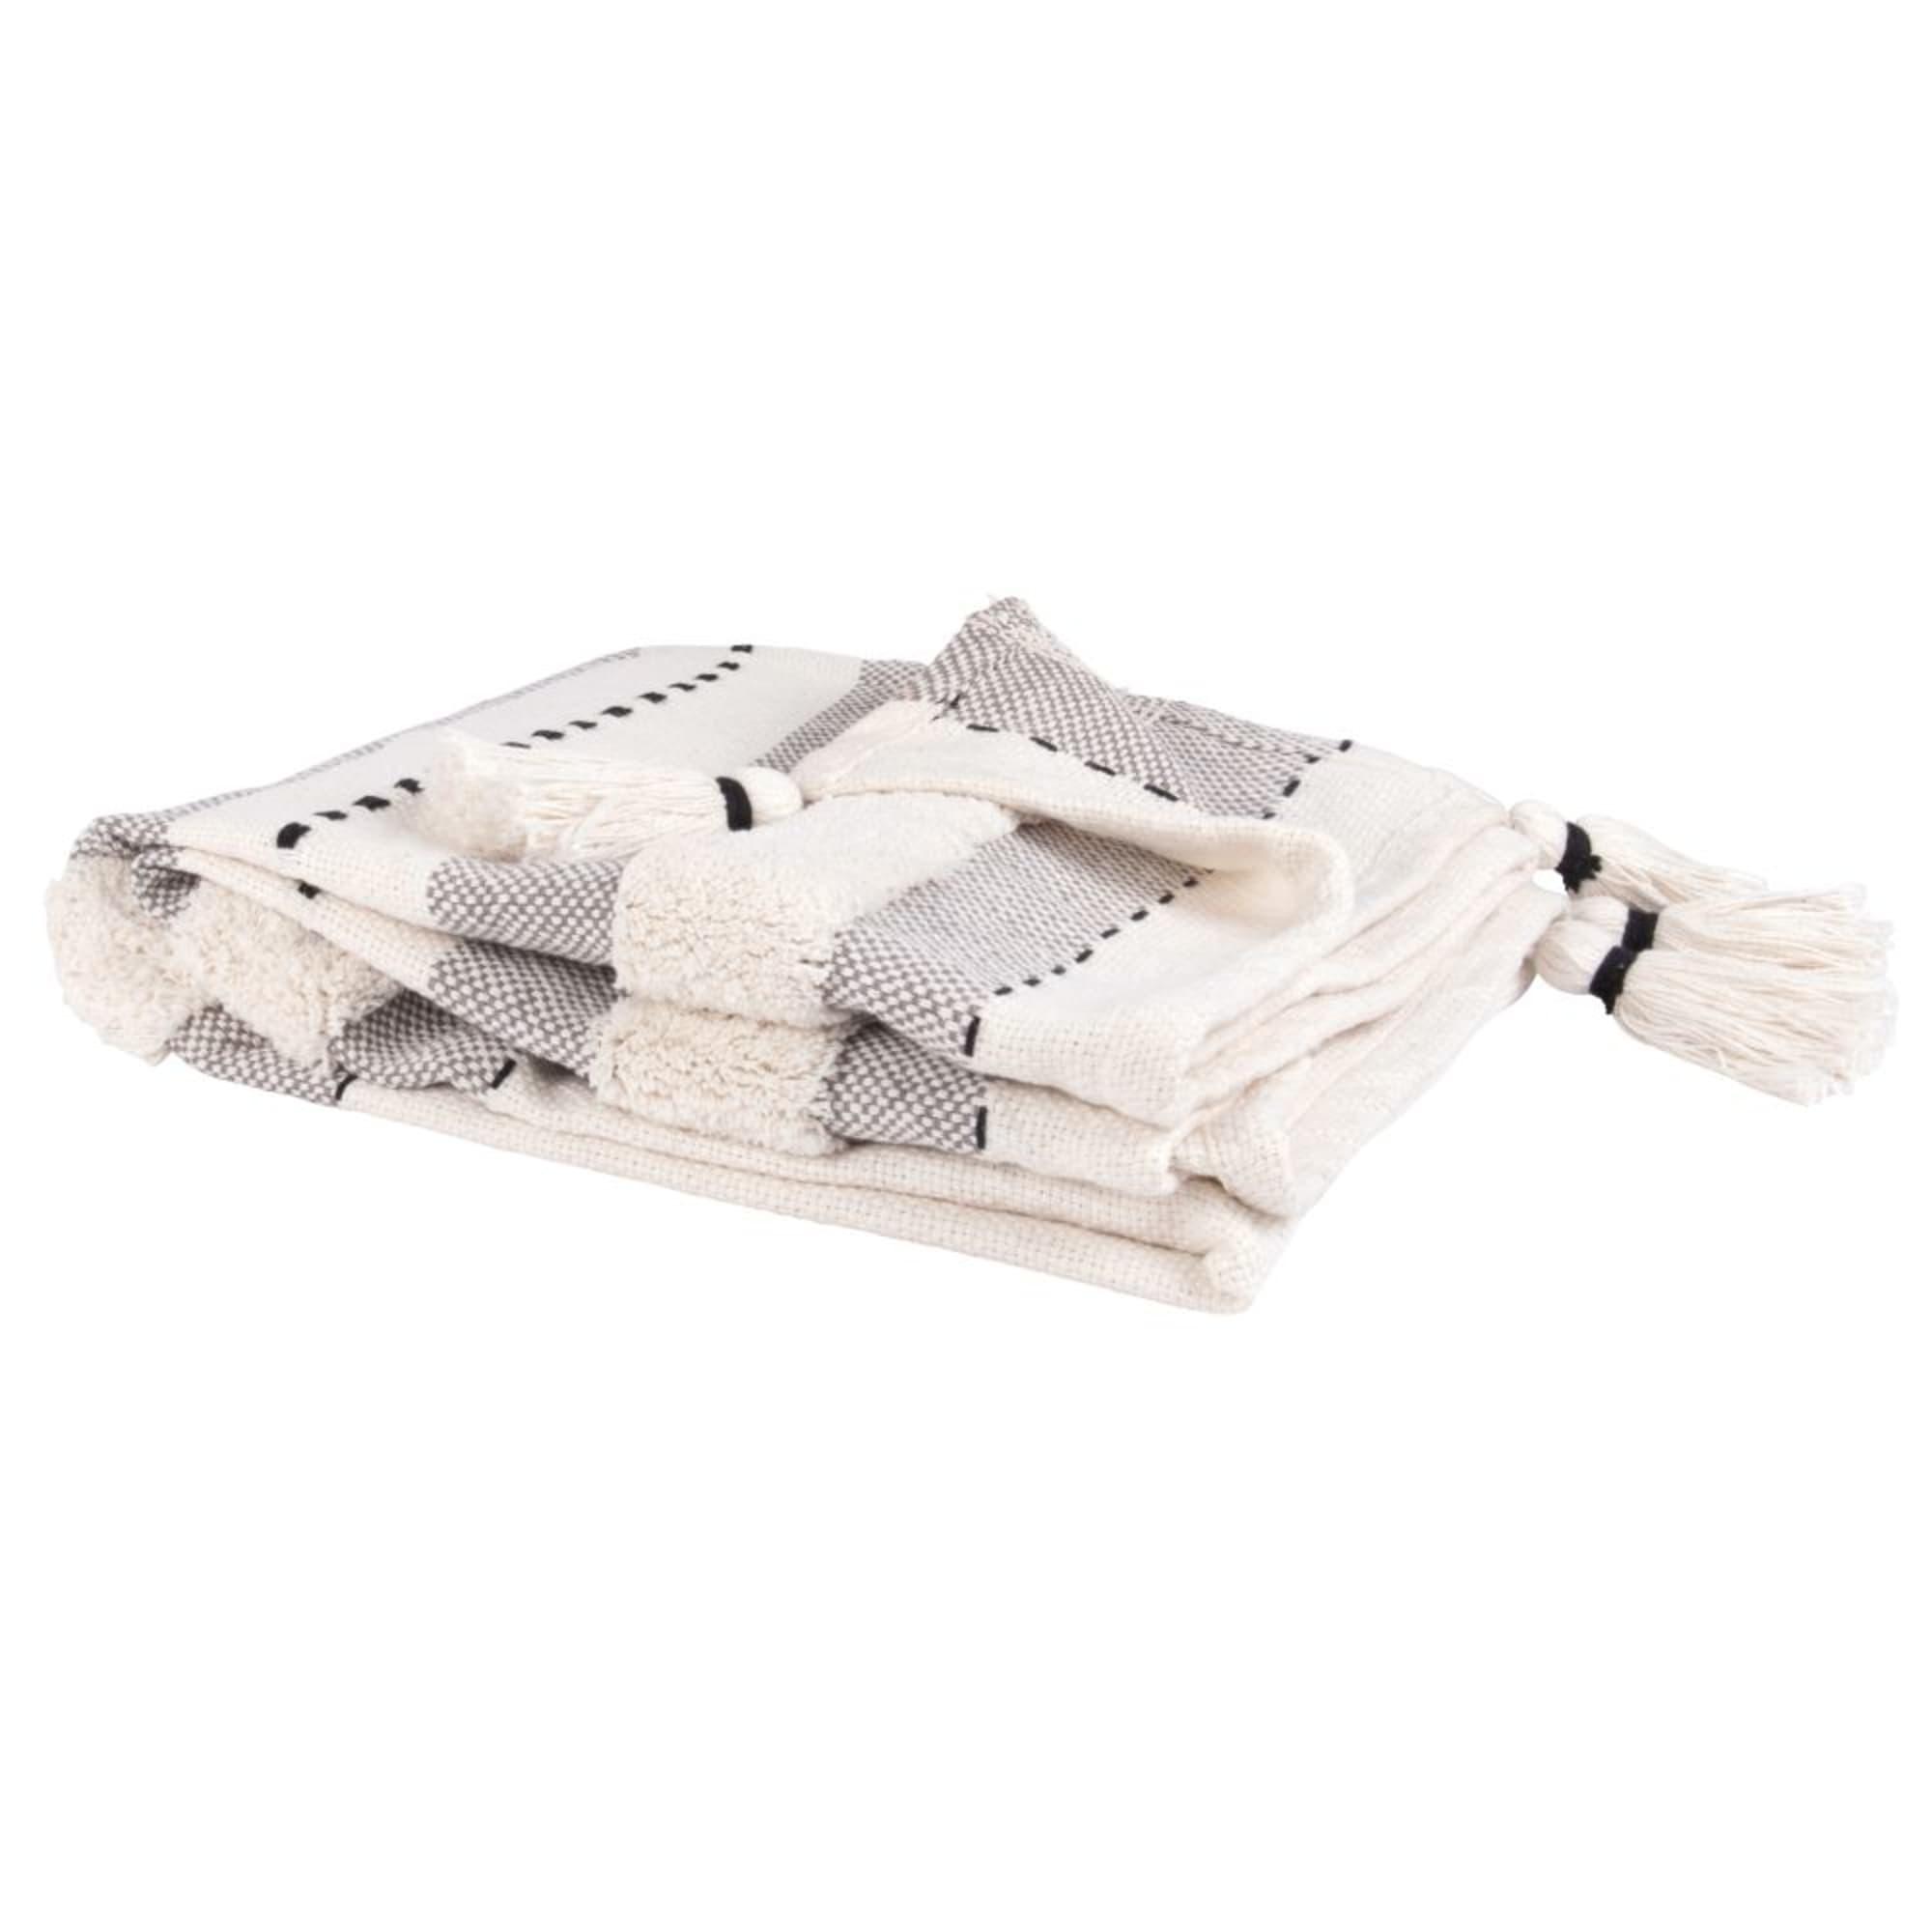 Manta de algodón color crudo con motivos gráficos negros y grises y flecos 130x170